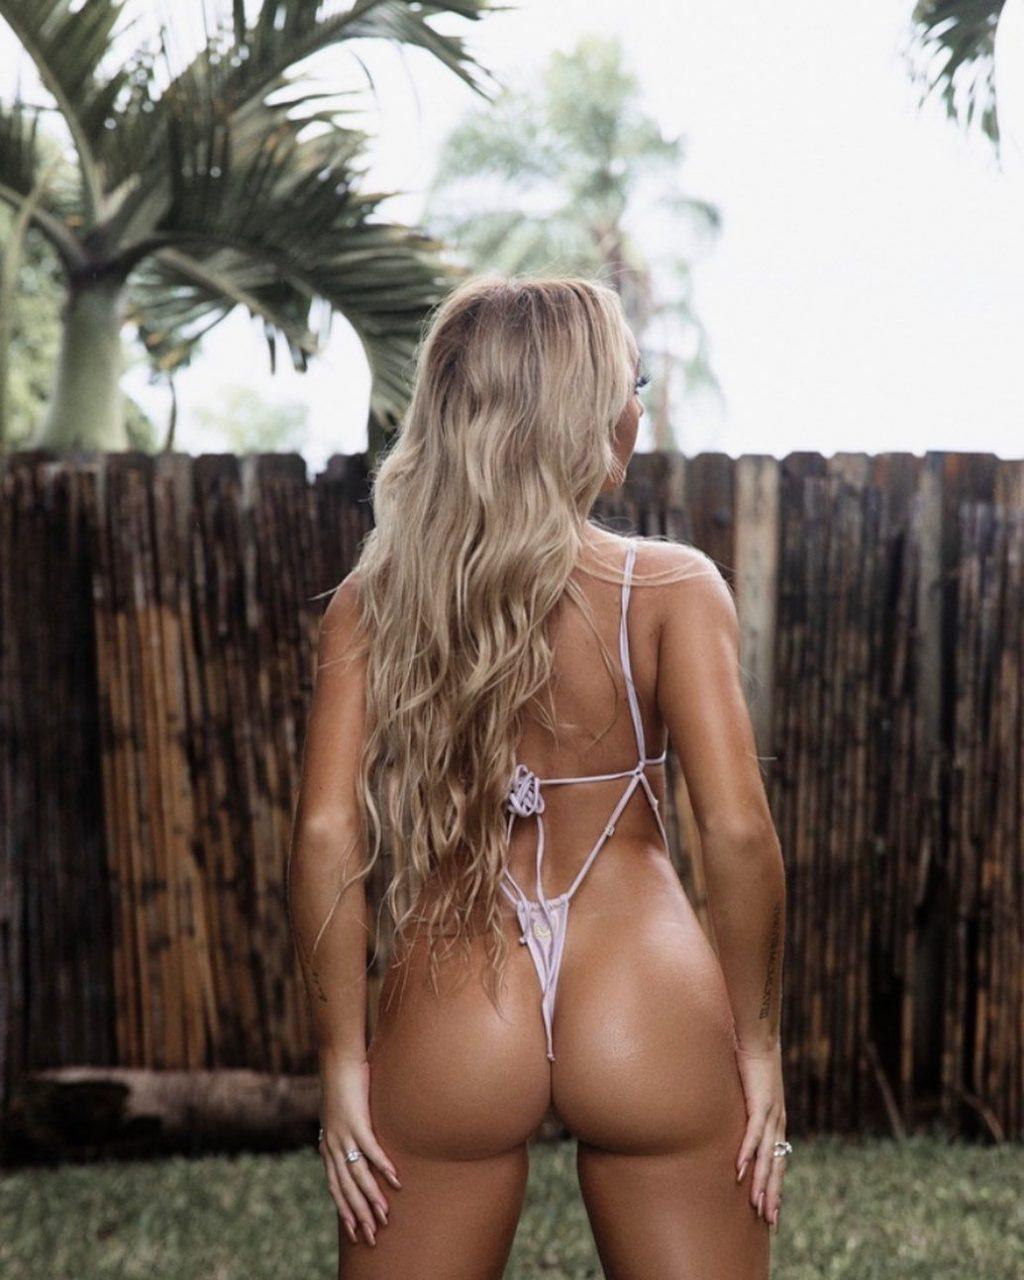 Niemaann nackt Jenni  Jenni Niemaann